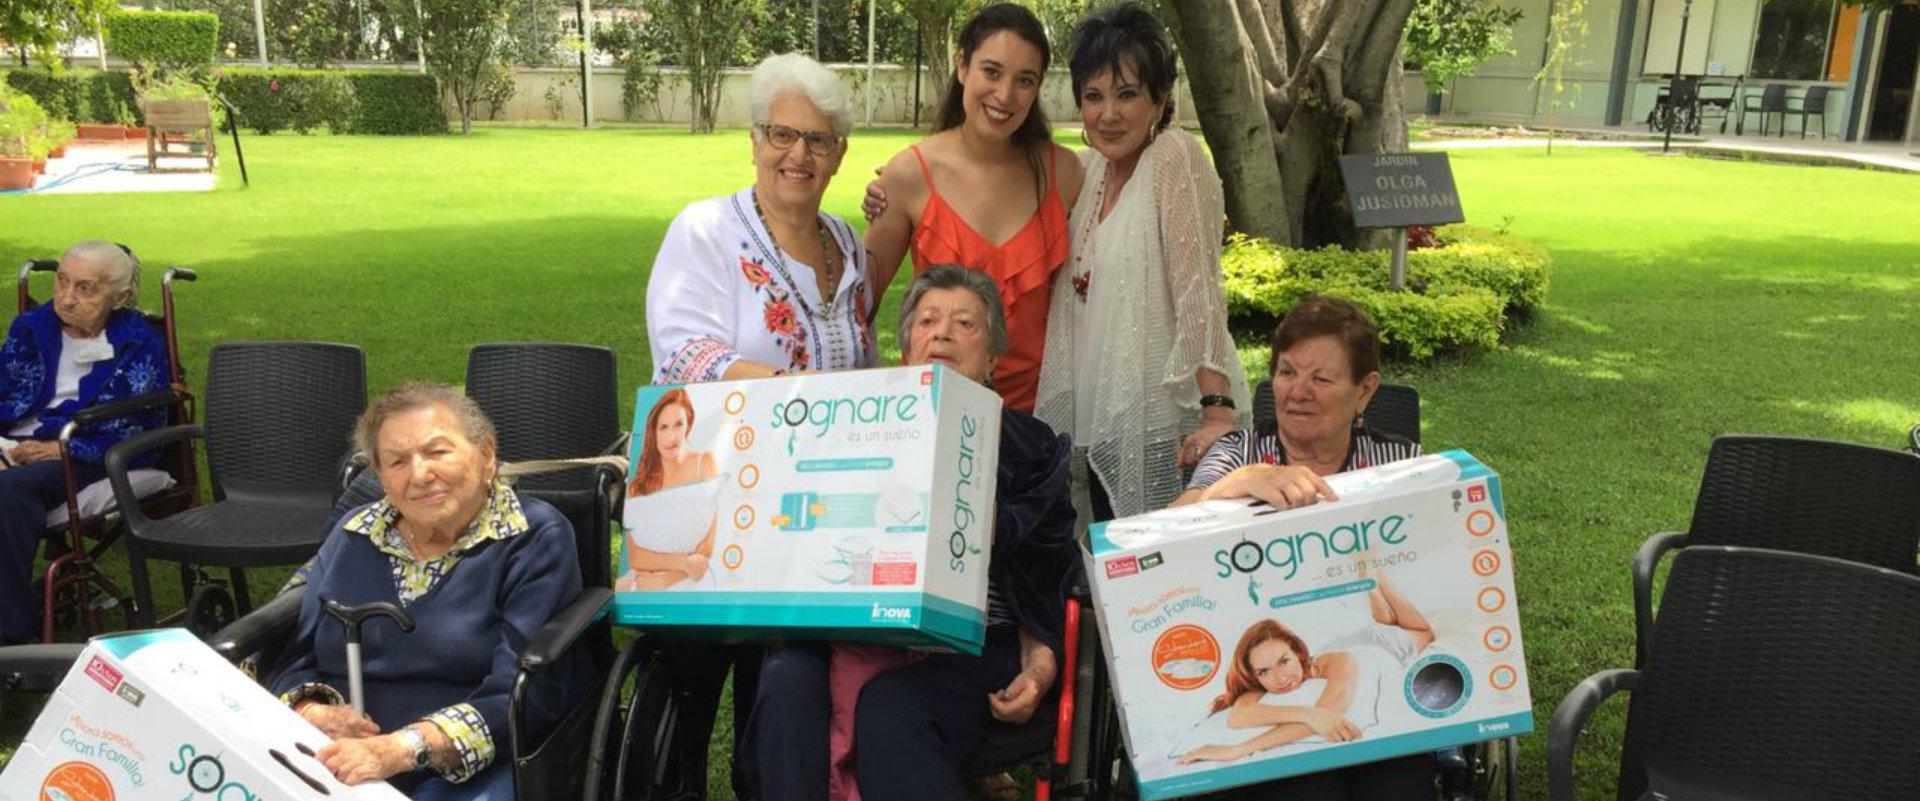 Representantes de Grupo Inova y Fundación Inova entregando almohadas sognare a adultos mayores